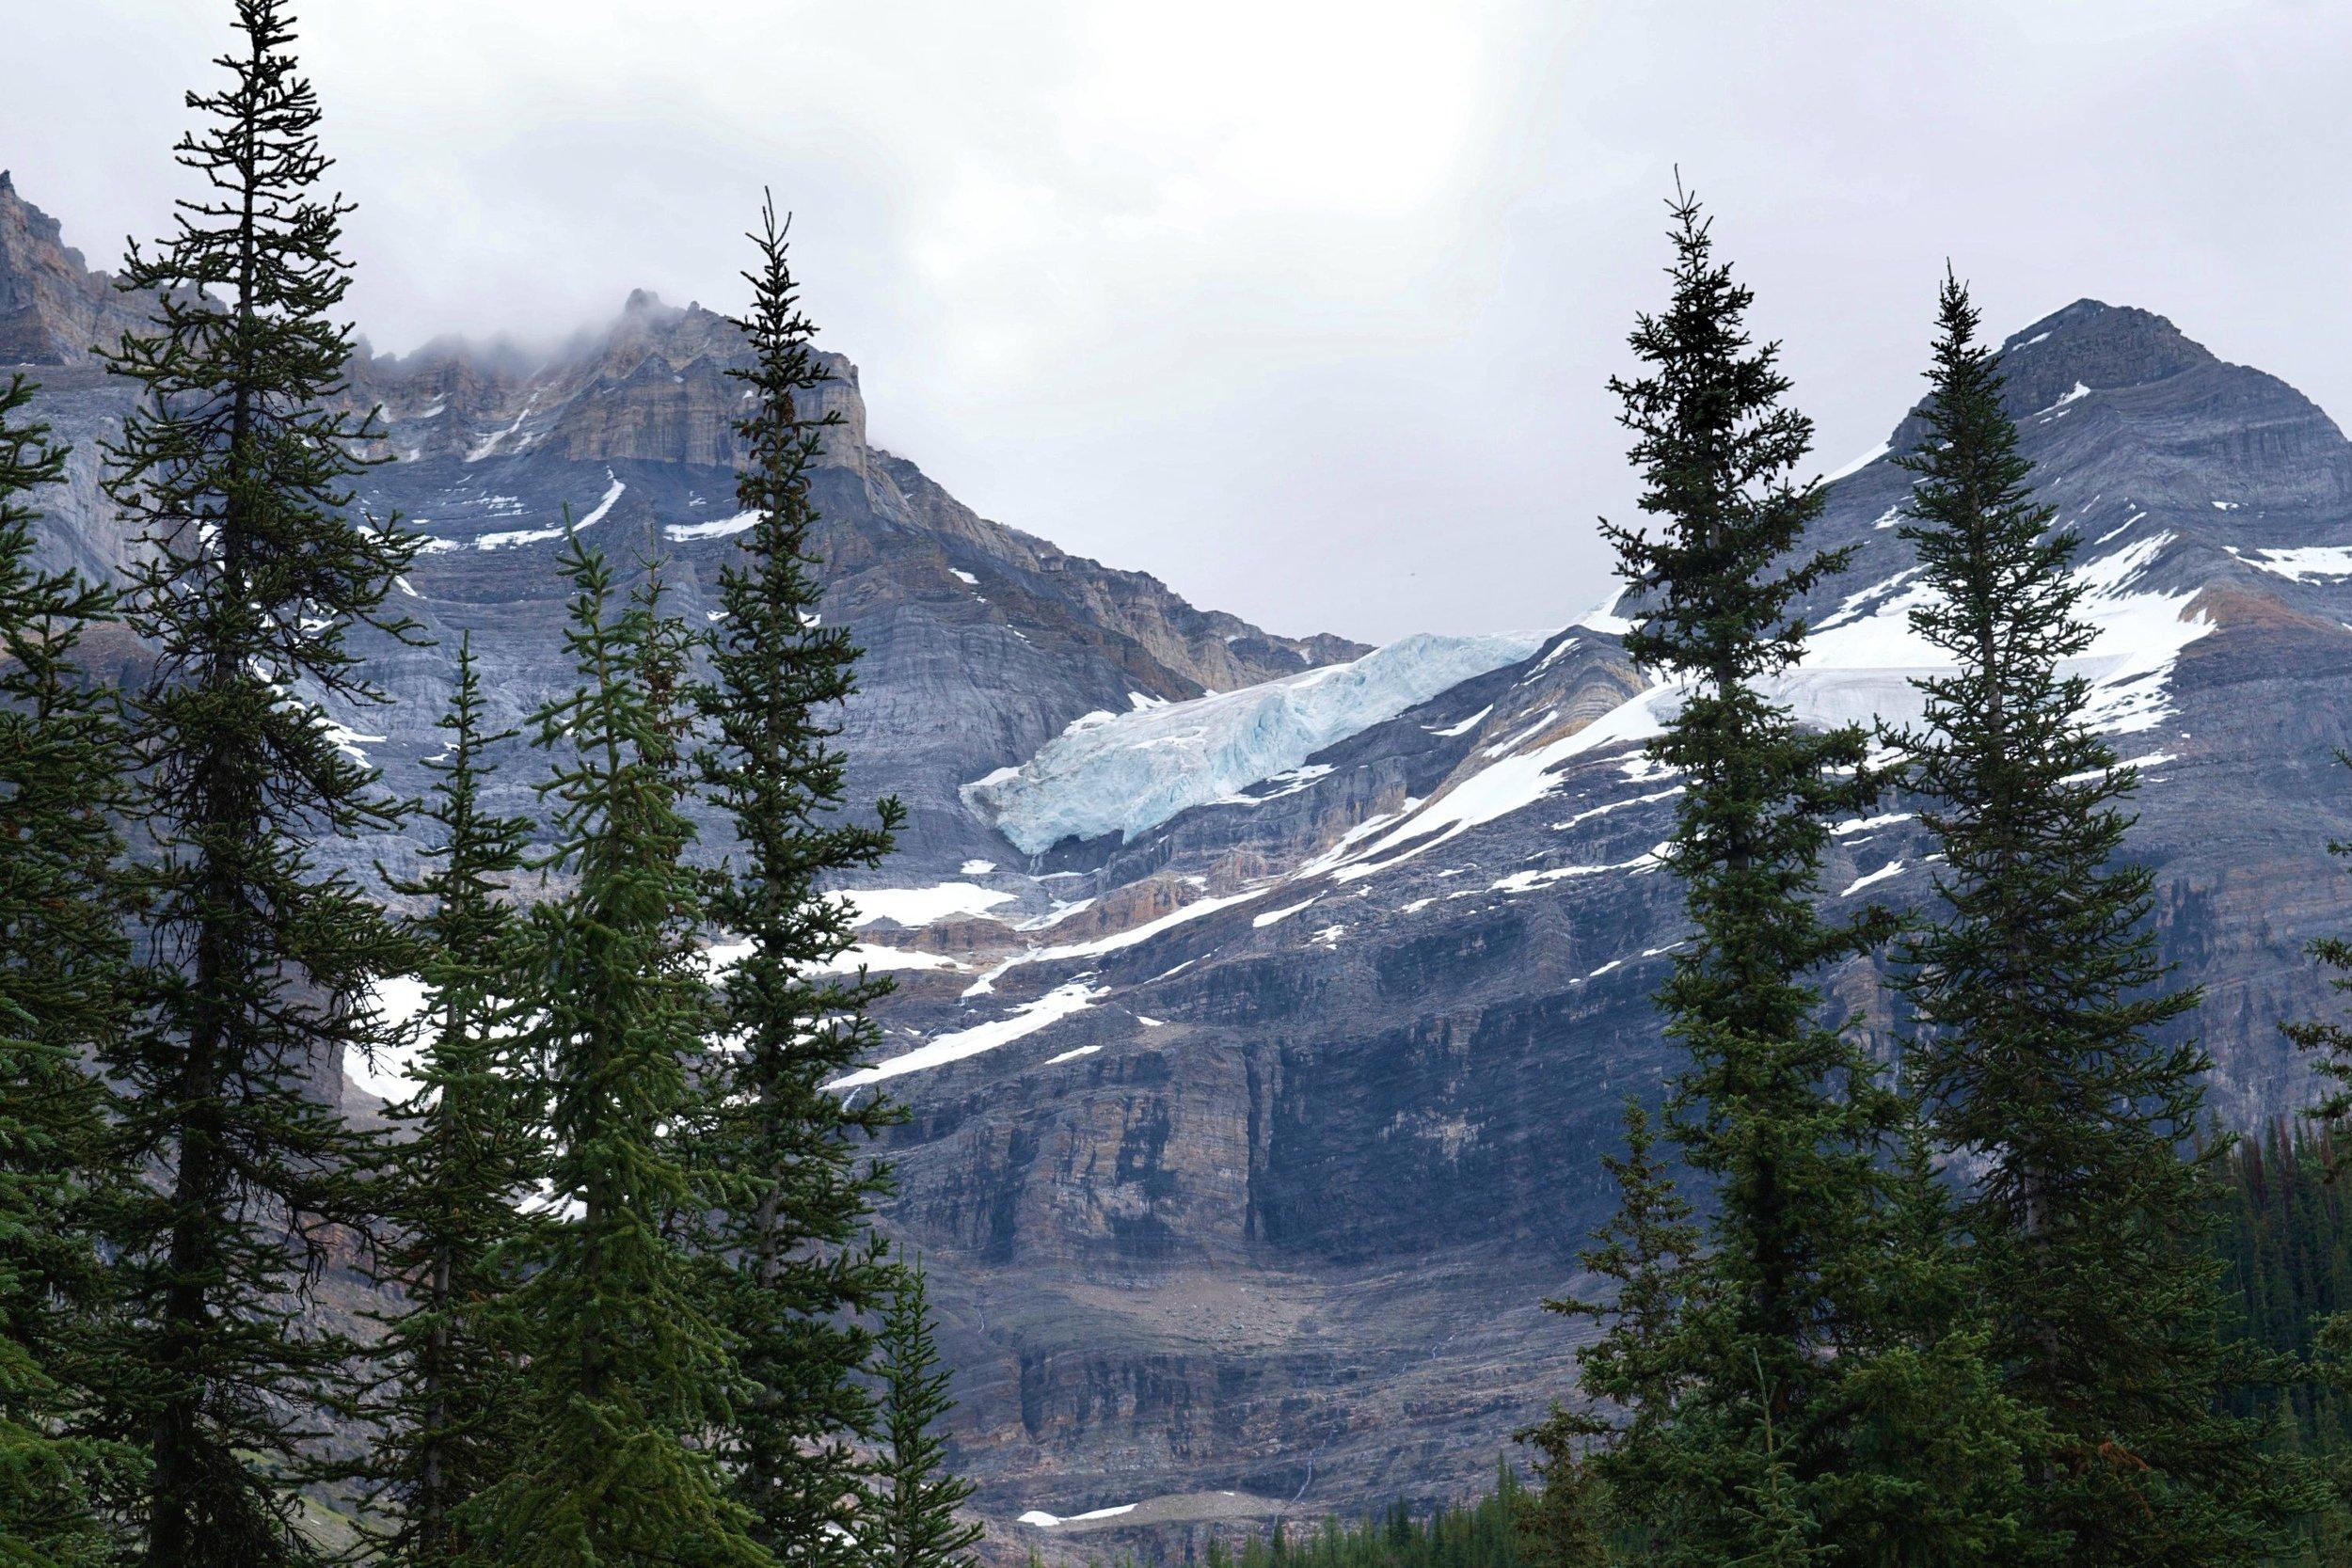 Part of a glacier